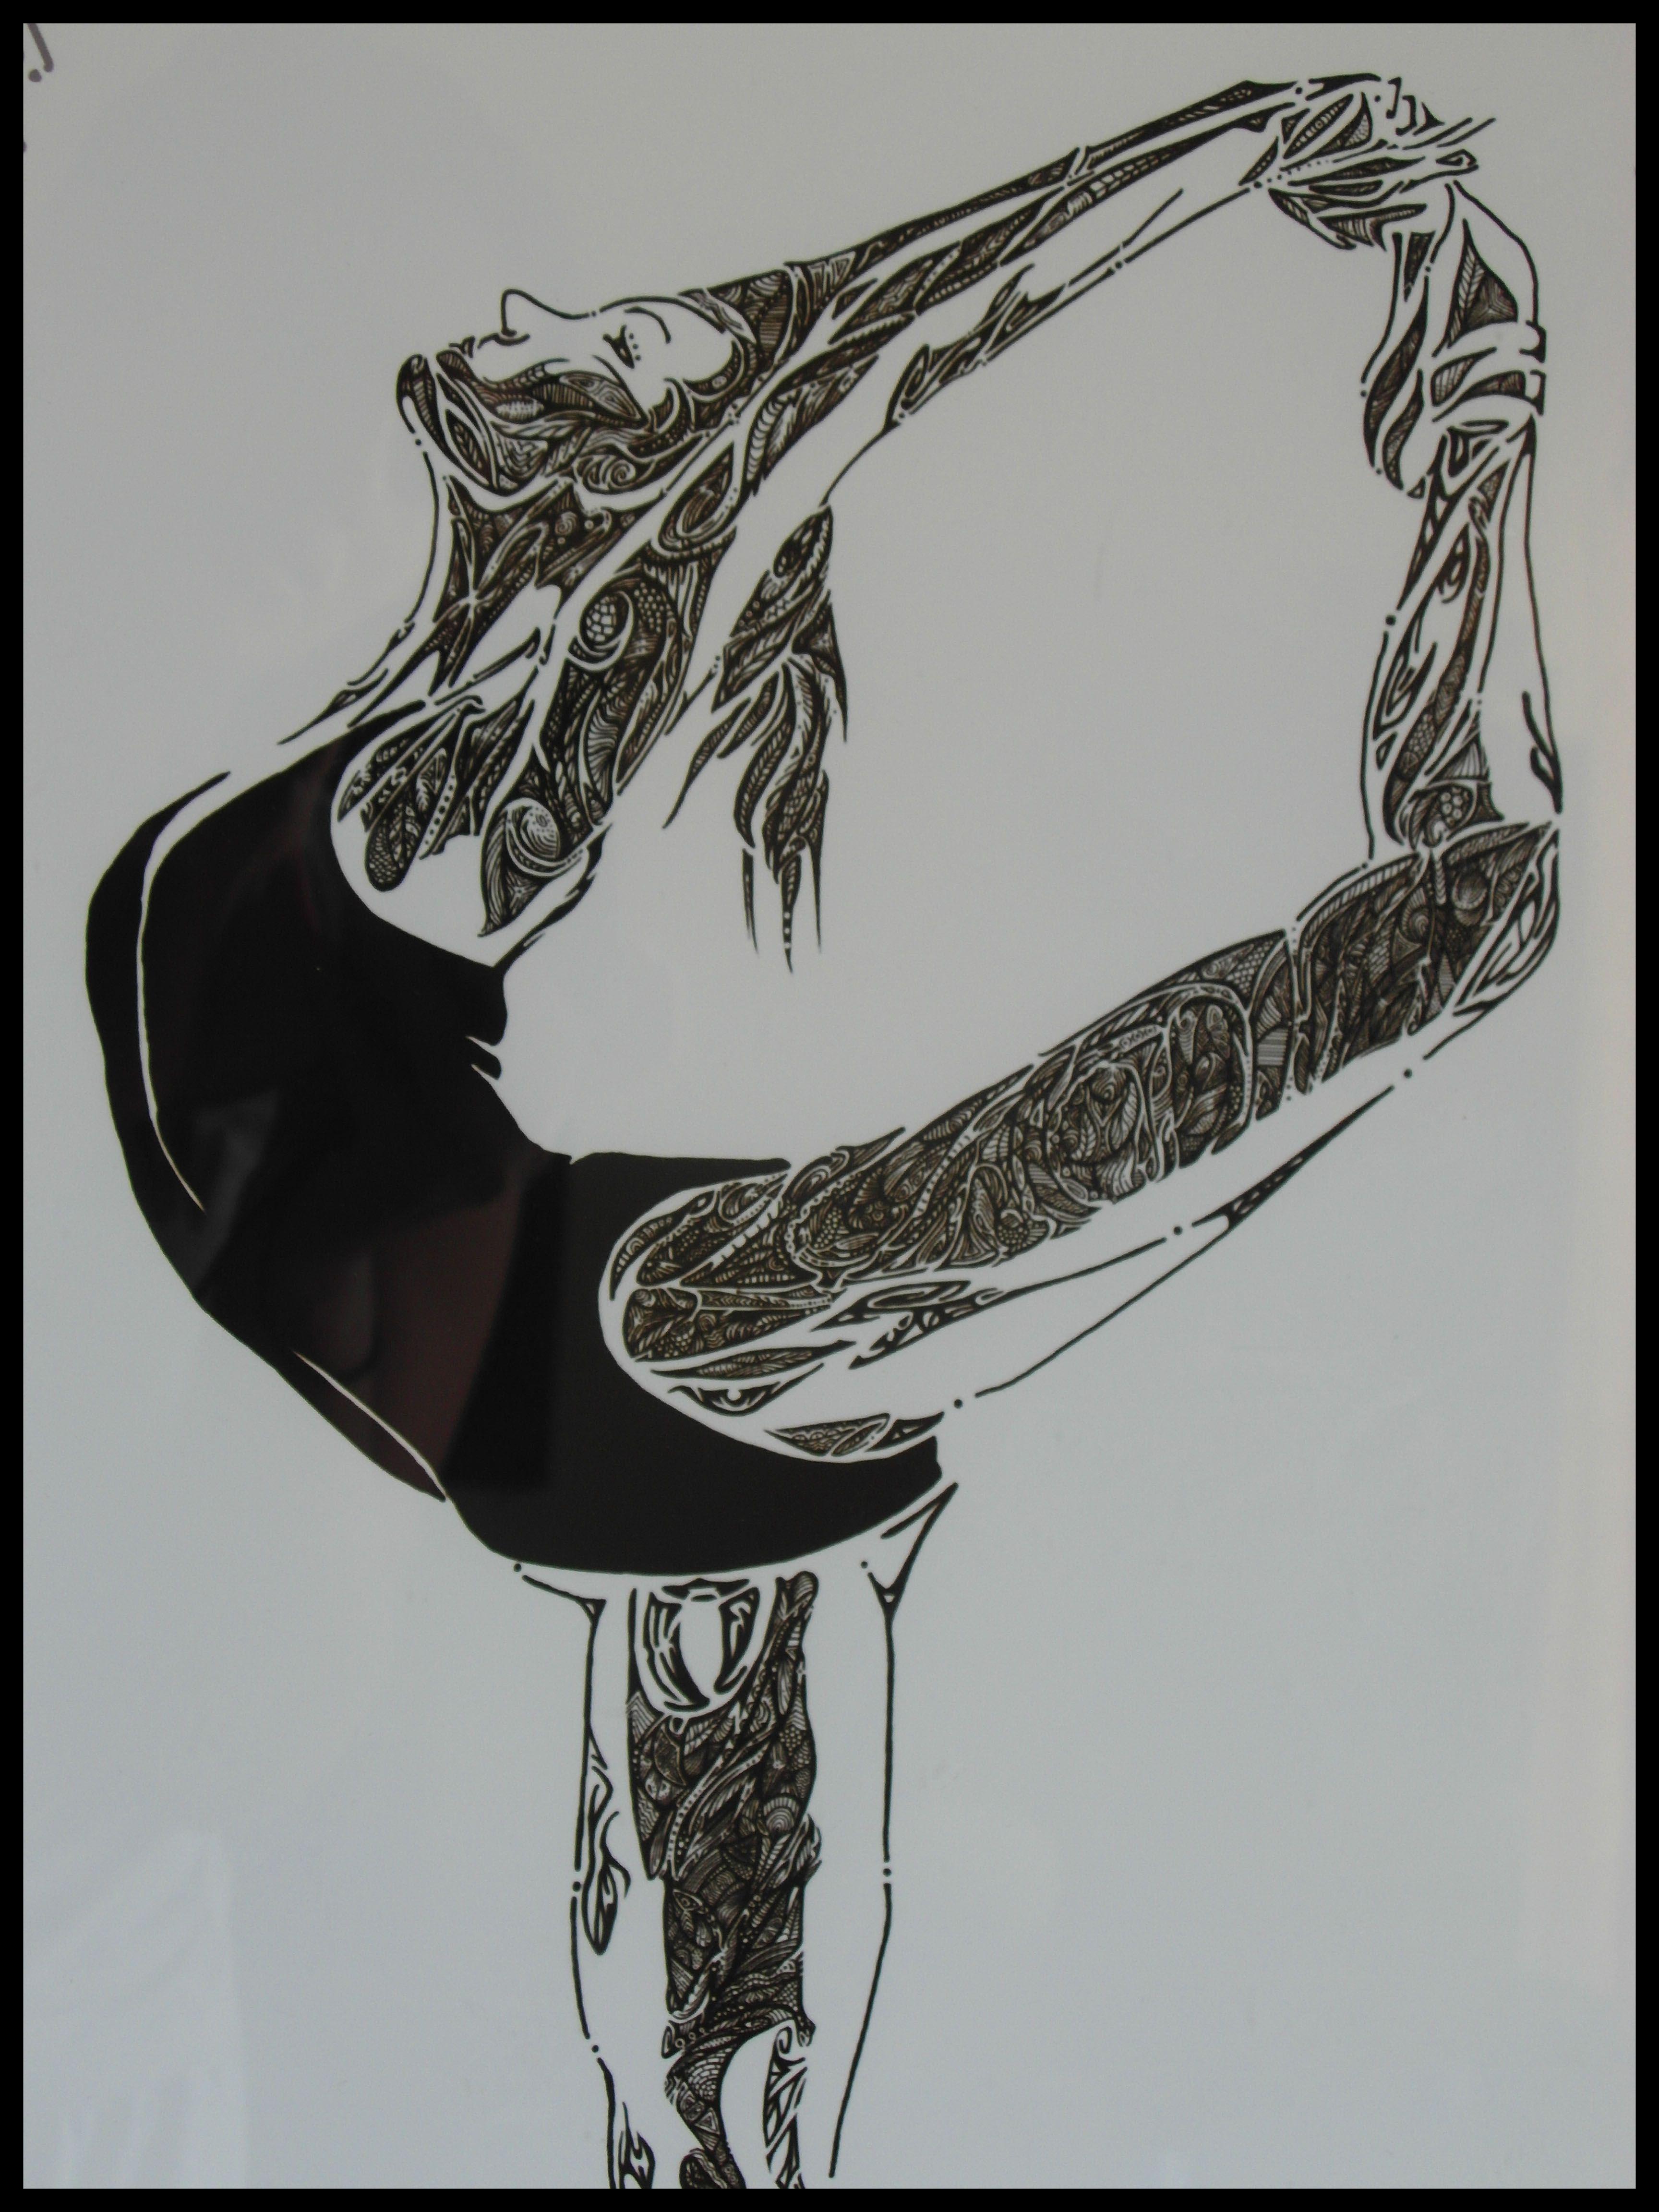 """""""Bailar es soñar con los pies"""" J.Sabina Dibujo Digital inspirado en la obra de Greg Waters """" Abandon Building Ballet"""" Tamaño: 40 x 56 cms Precios inbox Emoticón smile #imagoartediseño #bailarina #dance #dancer #art #tribalrt #gregwaters #creativity #blackandwhite #ilustration"""